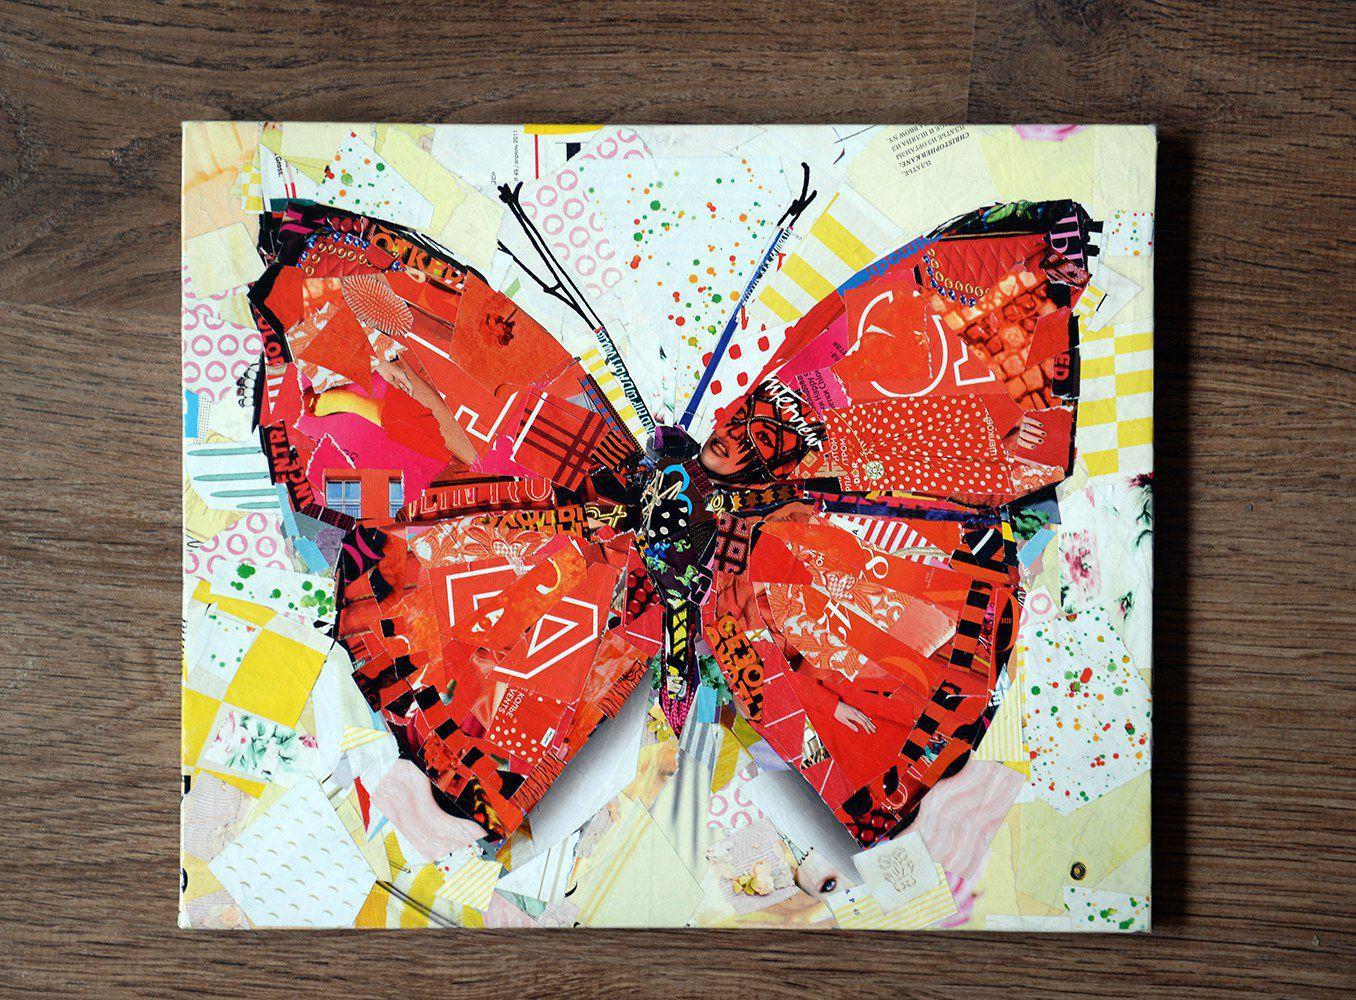 открытка из вырезок 11 букв узорах